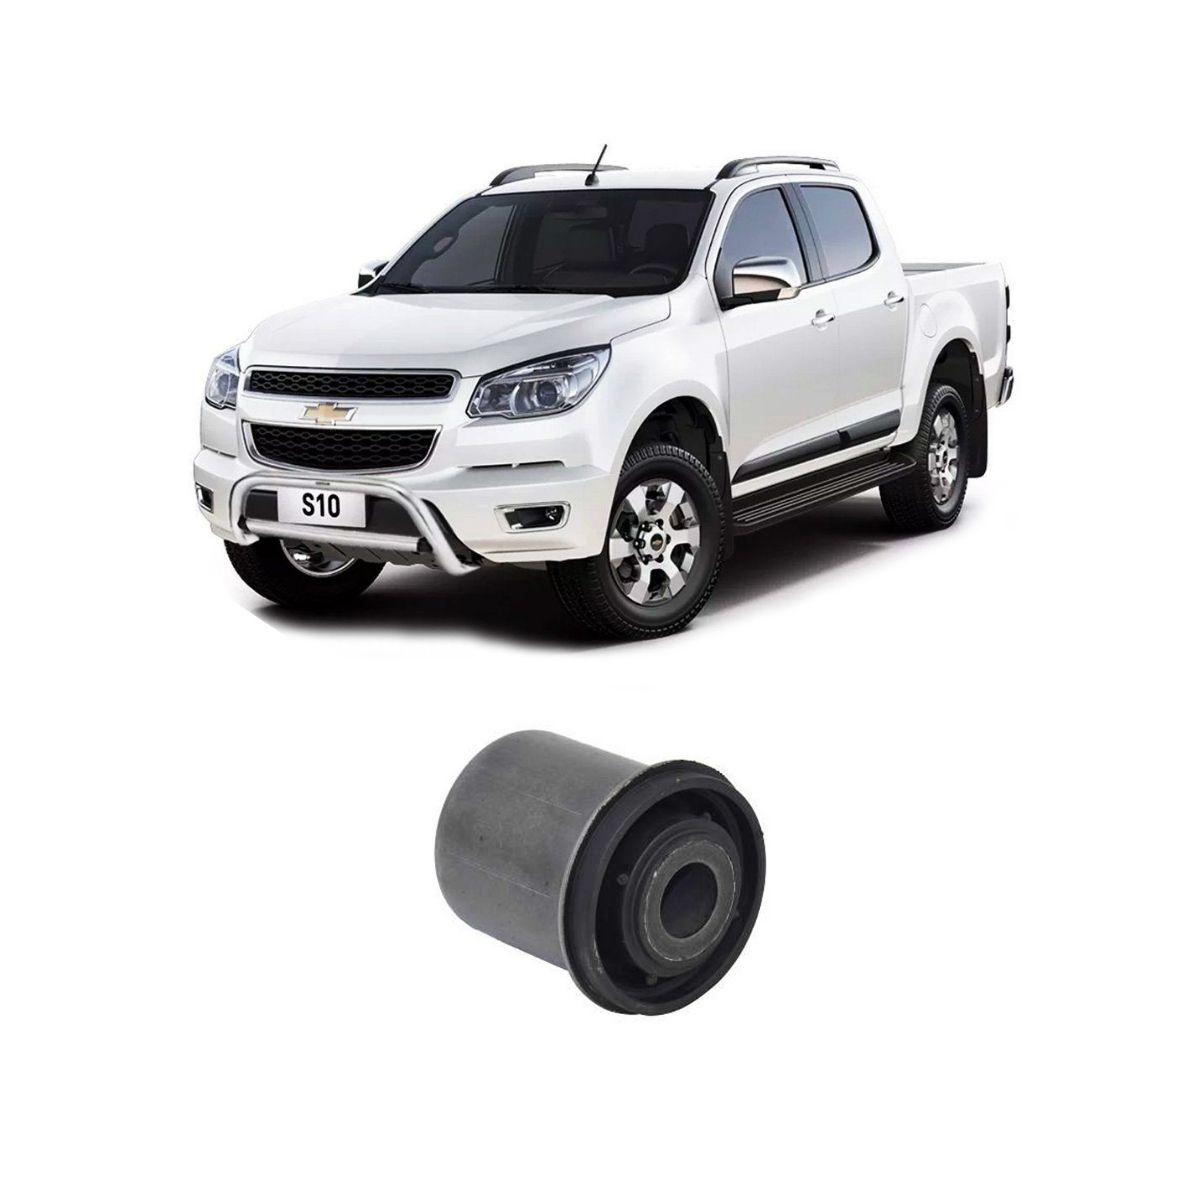 Bucha Da Bandeja Dianteira Inferior Chevrolet S10 2013/